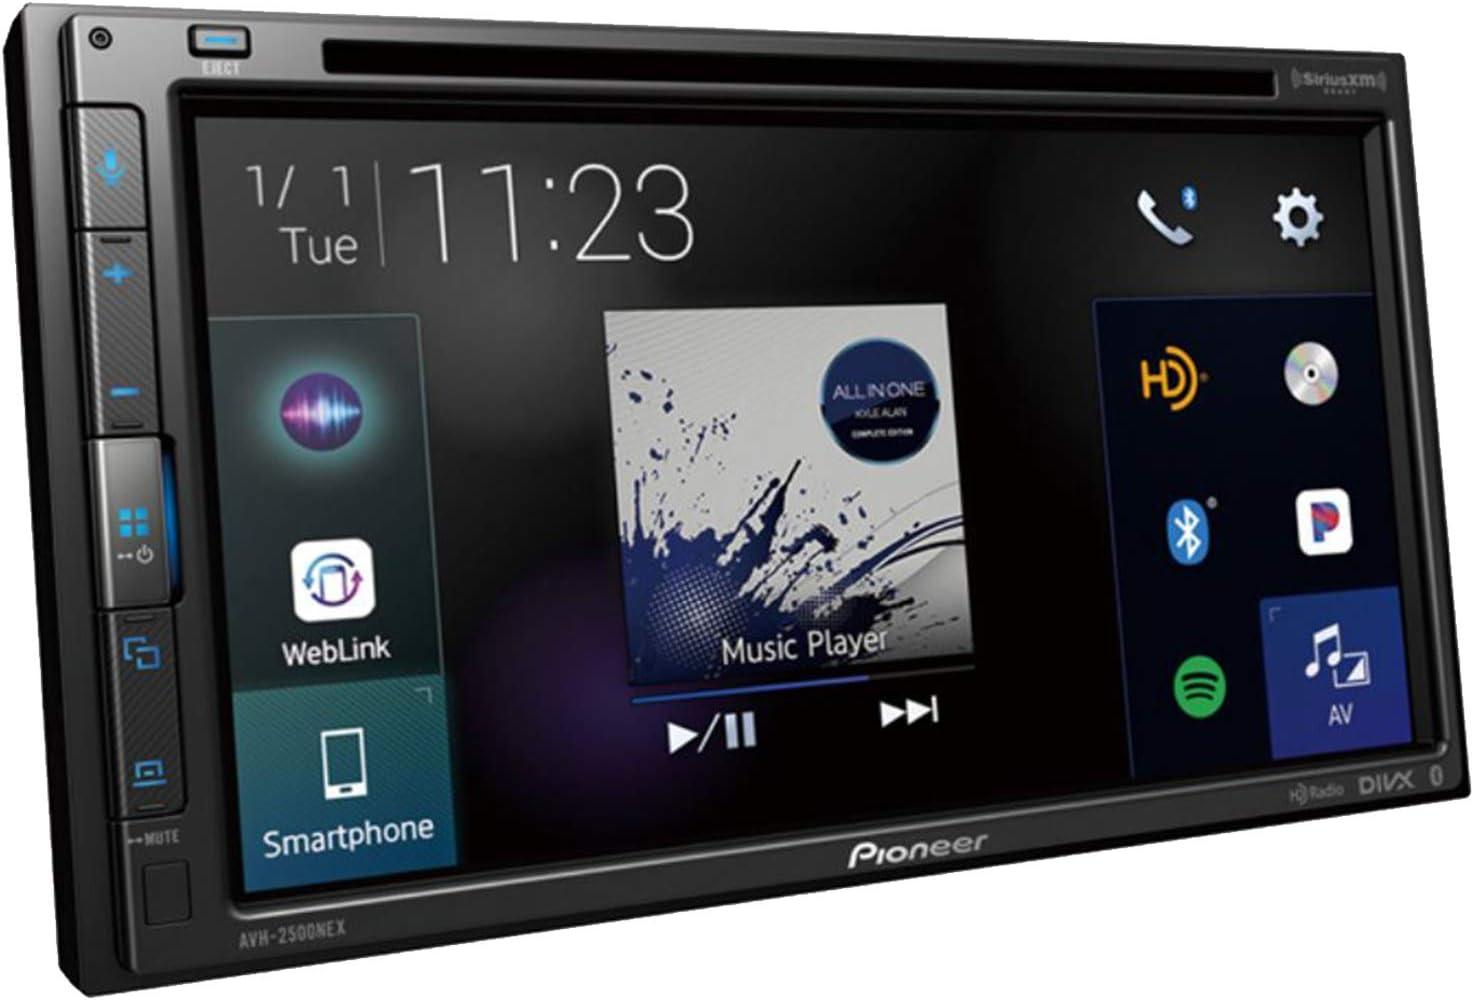 Pioneer AVH-2500NEX - Receptor estéreo para DVD/MP3 con Bluetooth, Apple Carplay y Android con compatibilidad automática